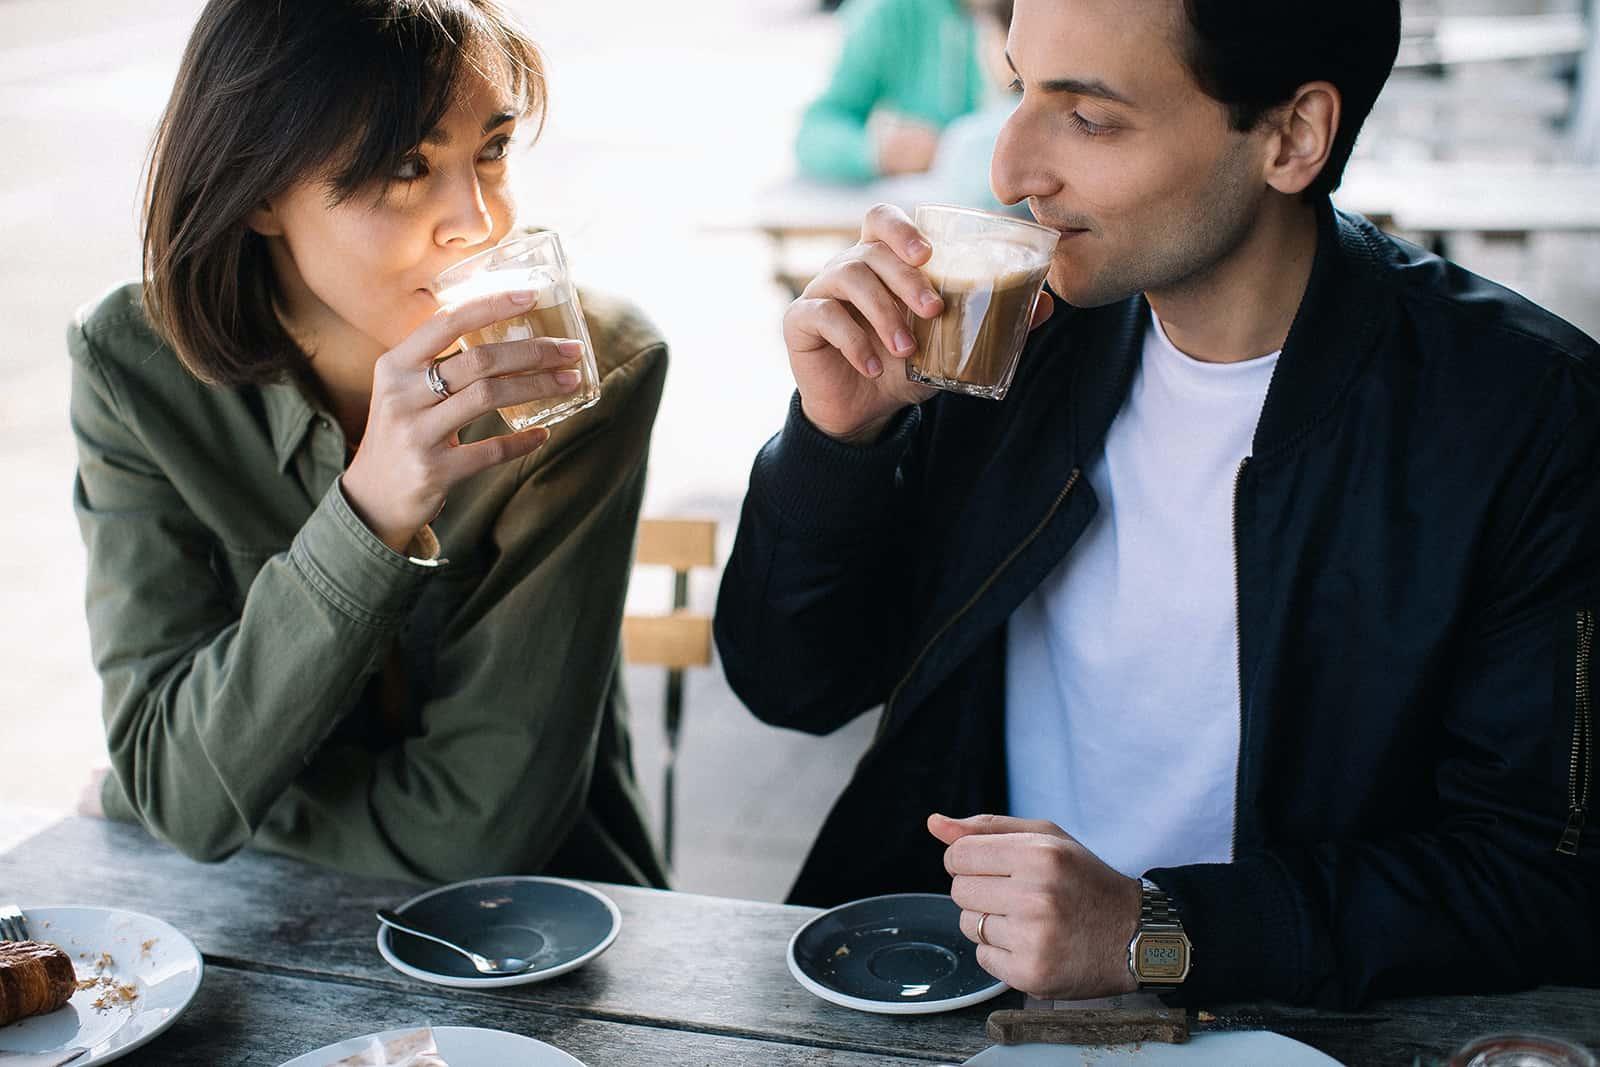 un homme et une femme buvant du café et se regardant à une date